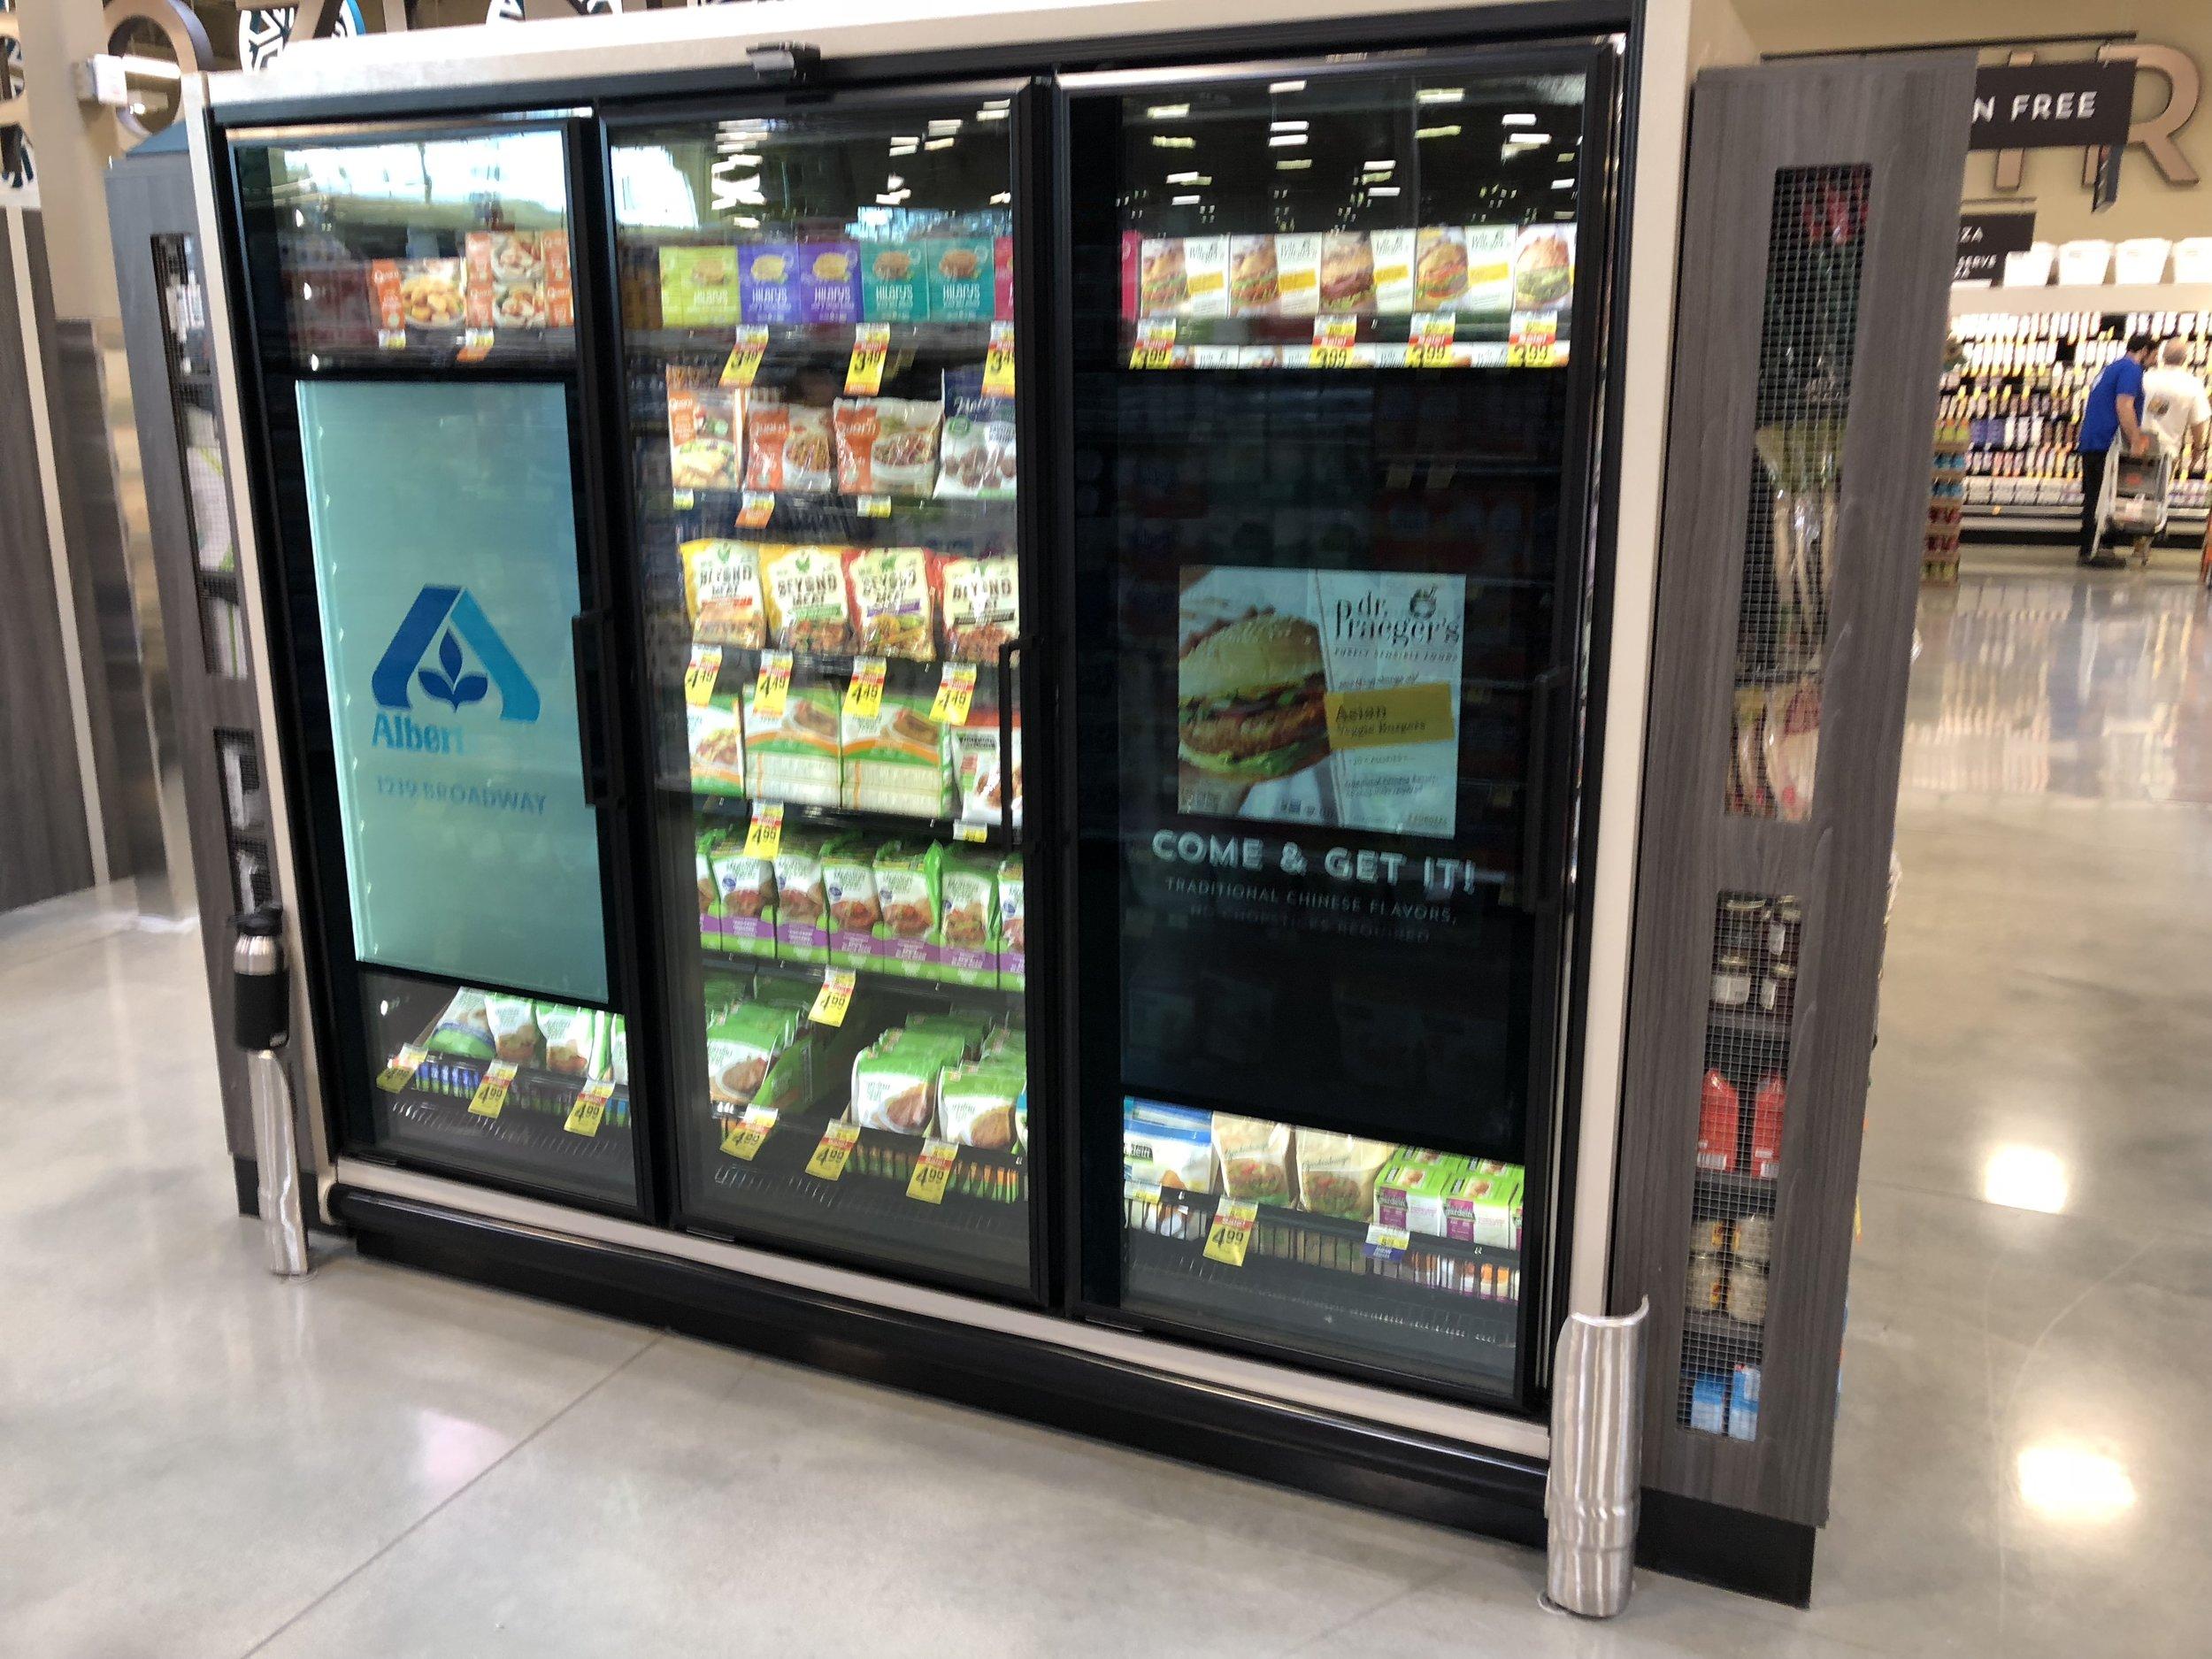 Frozen food freezers with displays built into the door